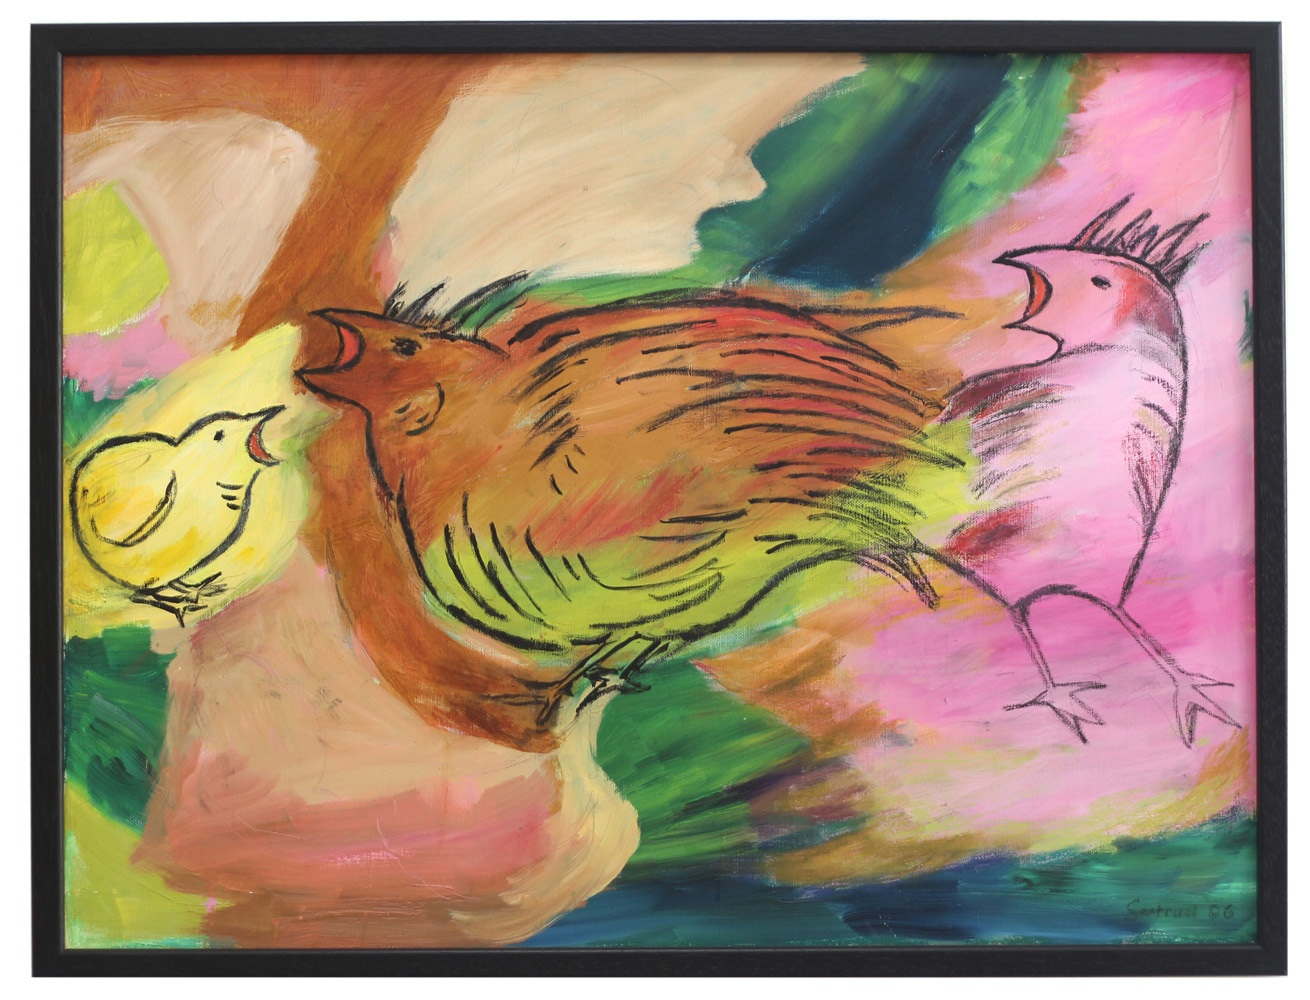 Der Schrei nach Freiheit, Öl auf Leinwand, 60 x 80 cm.